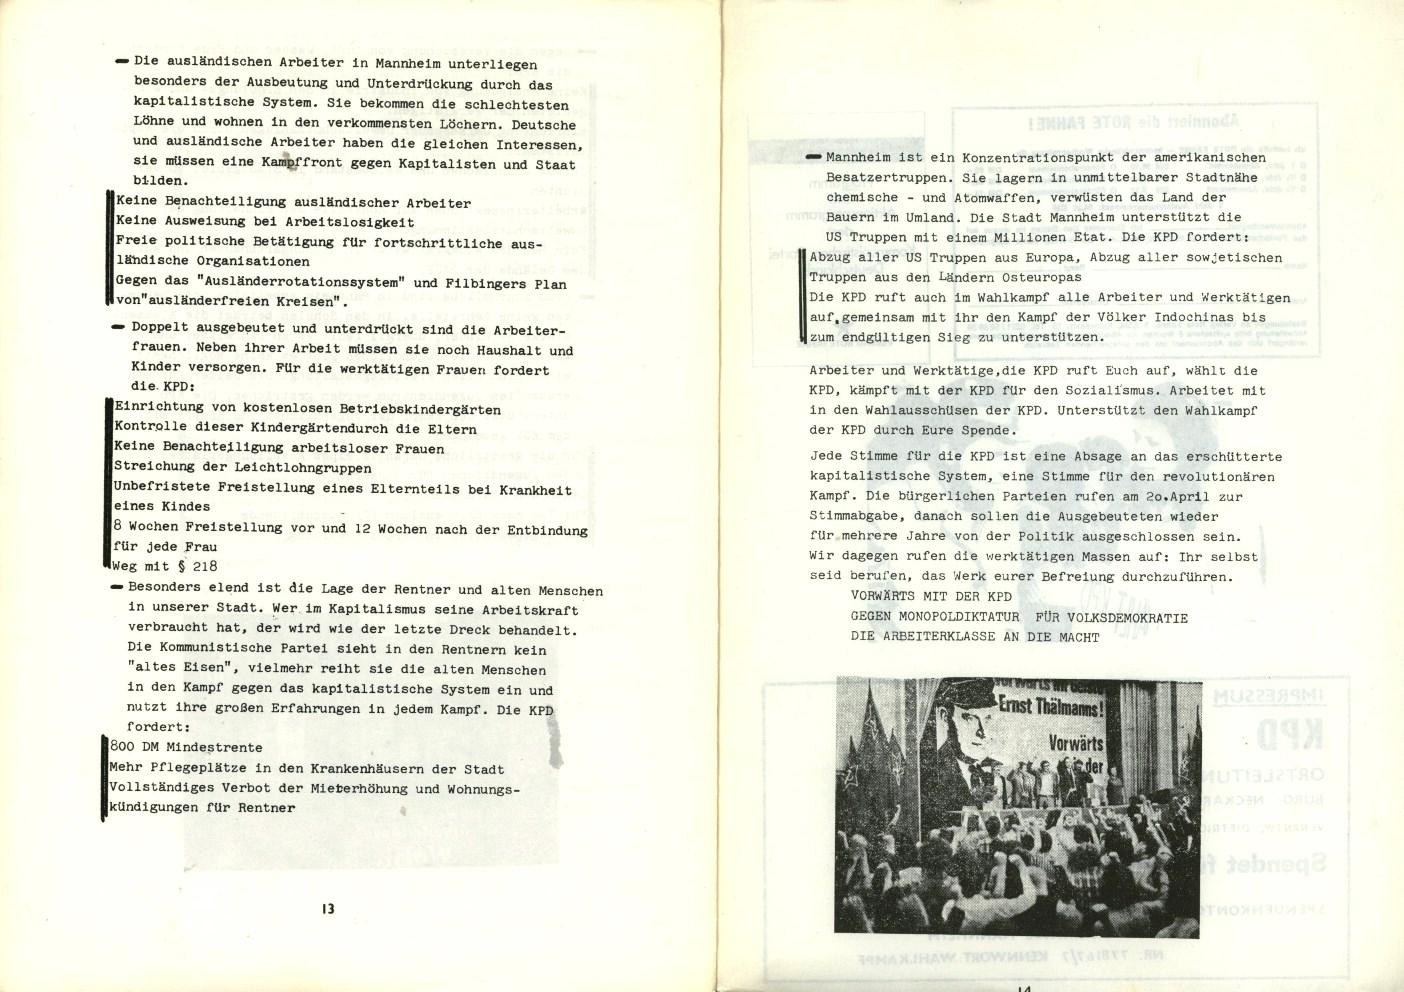 Mannheim_KPDAO_Kommunalwahlen_1975_08